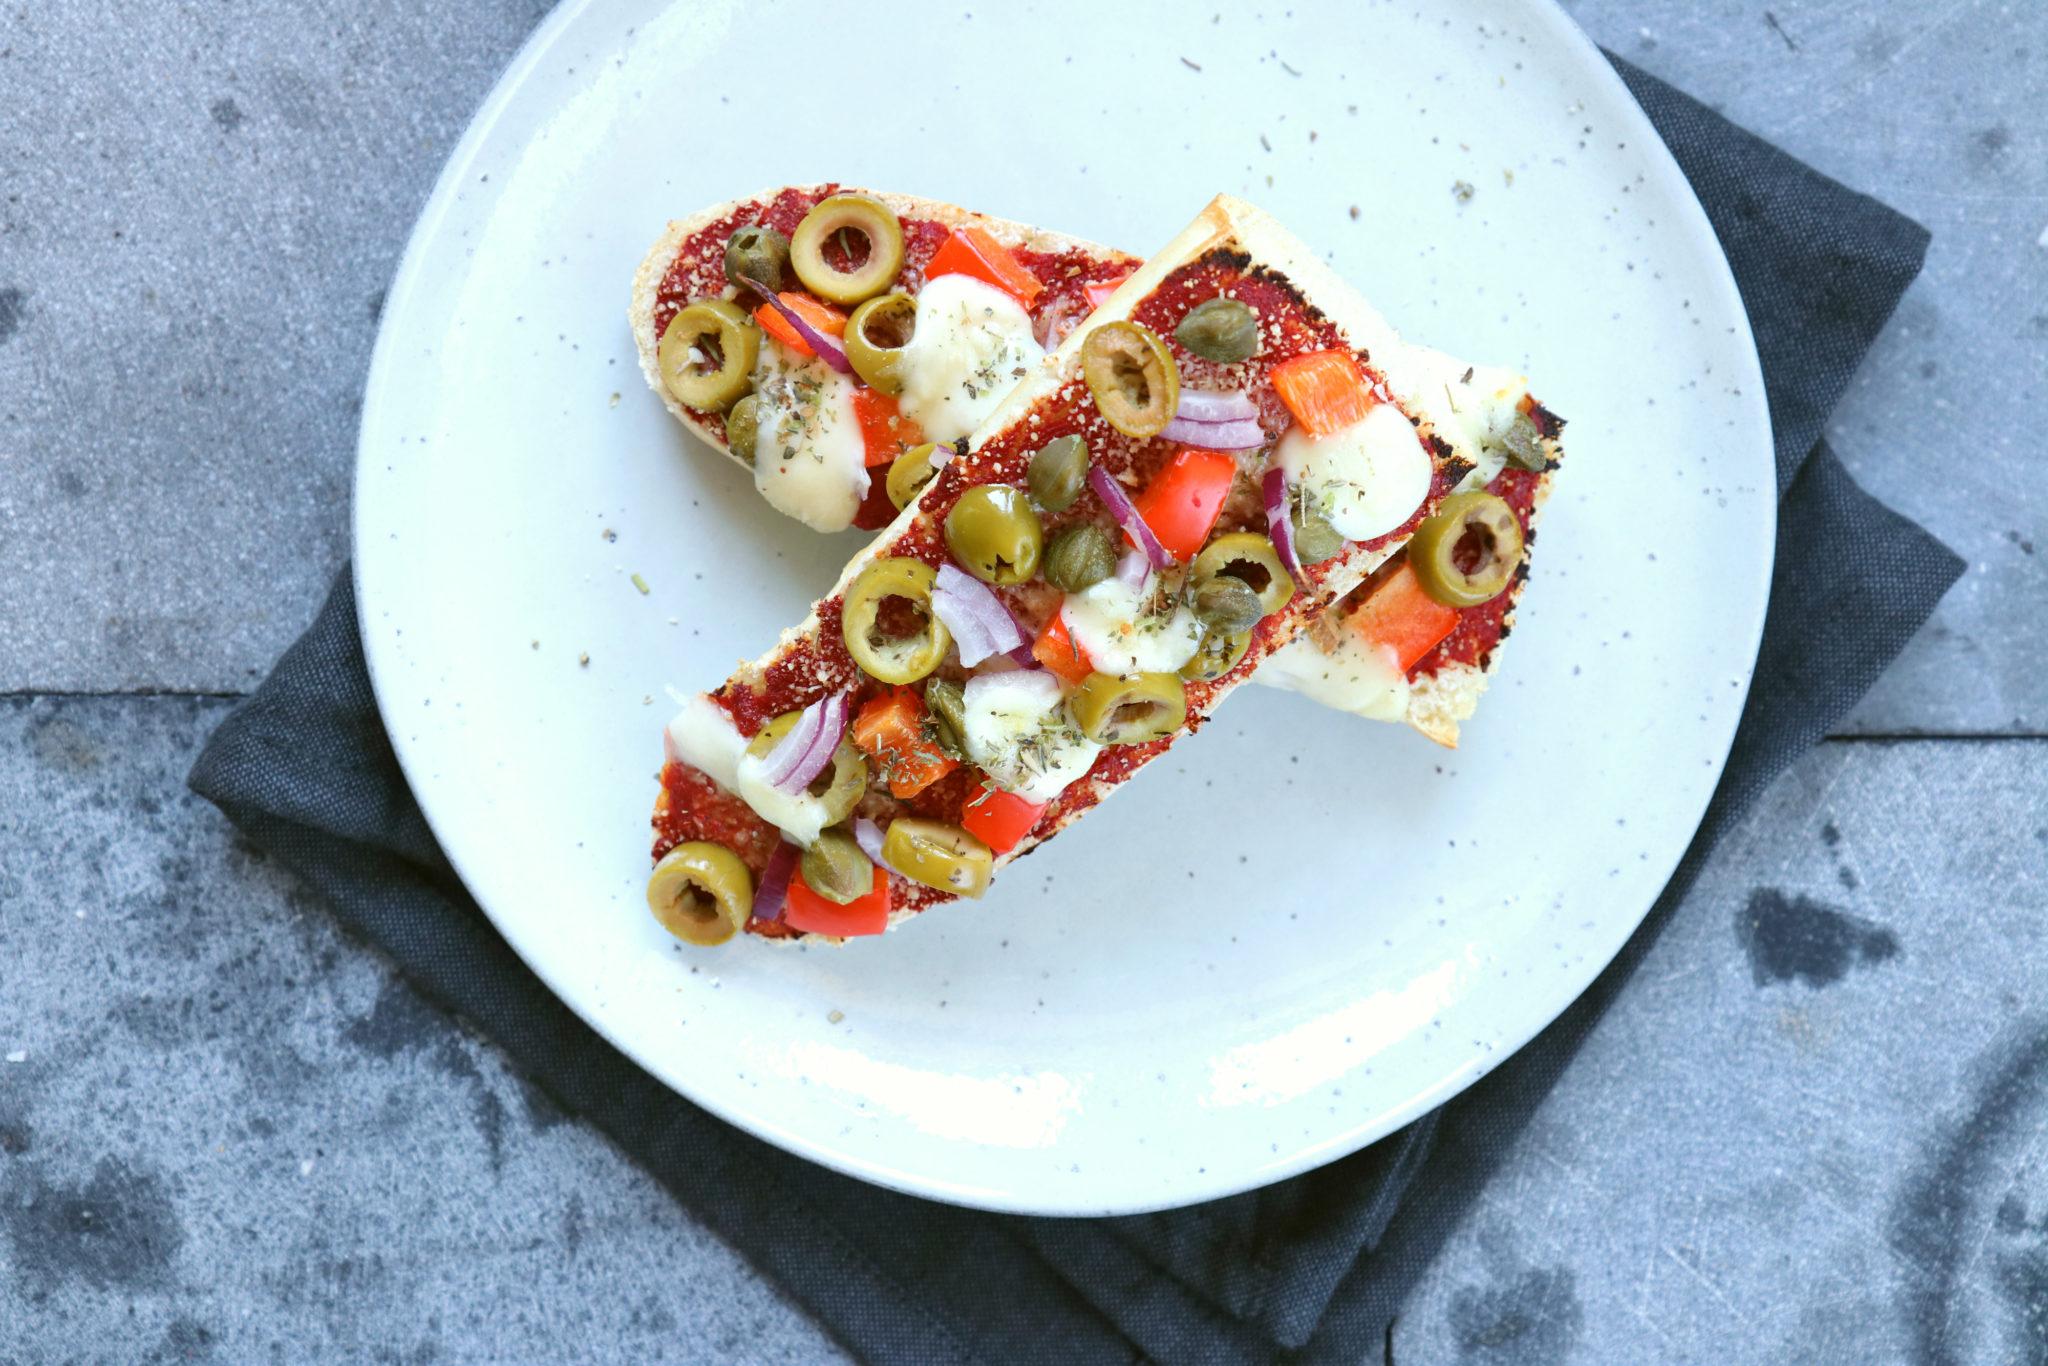 Recept vegetarische pizza broodjes www.jaimyskitchen.nl